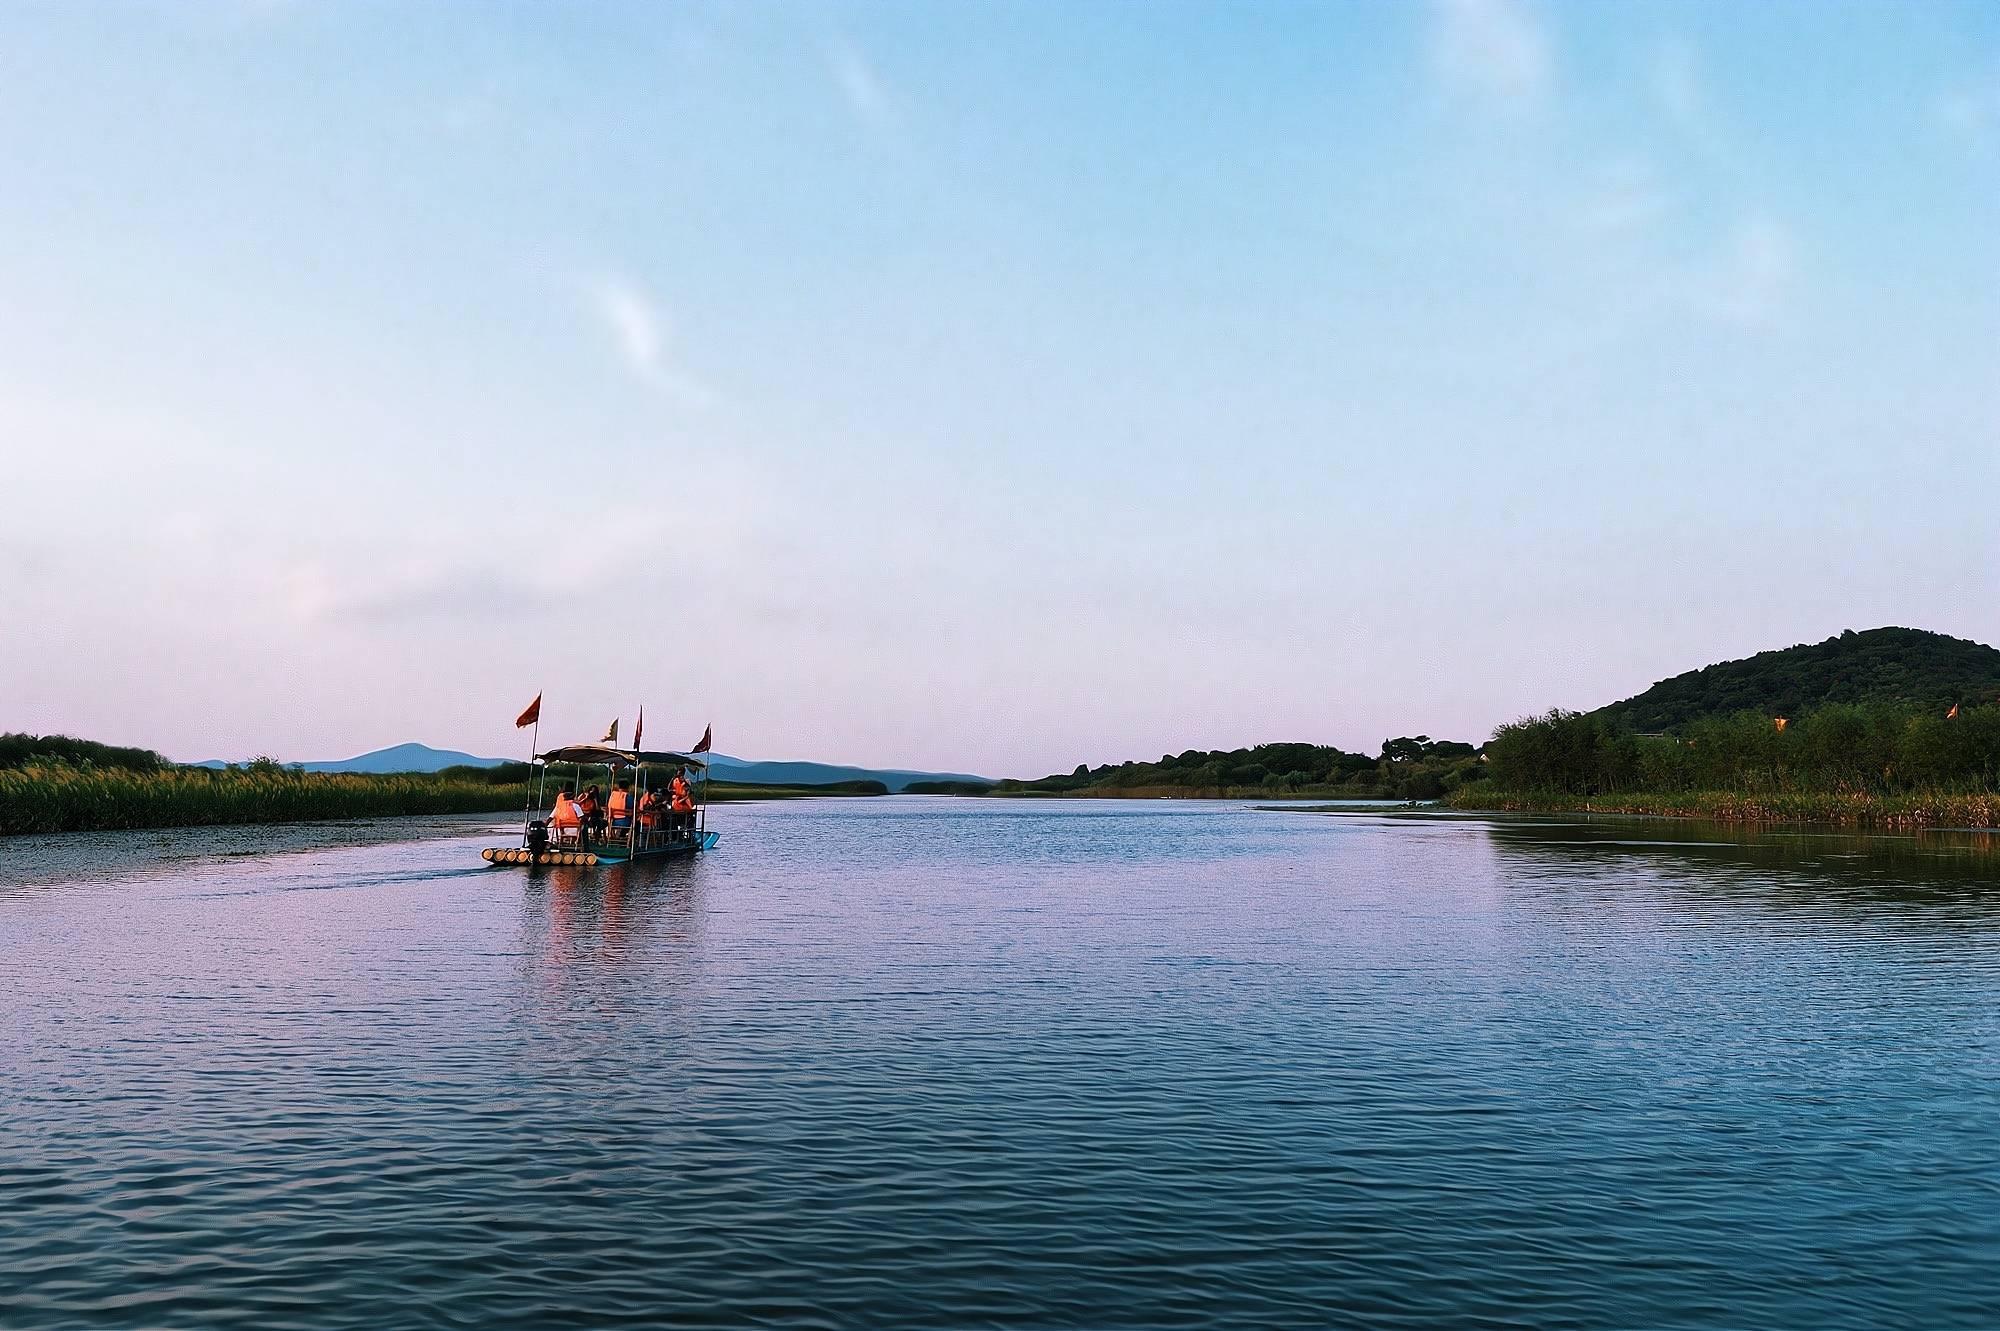 """原创             苏州太湖藏着一座绝美小岛,被誉为""""小蓬莱"""",知道的游客不多"""